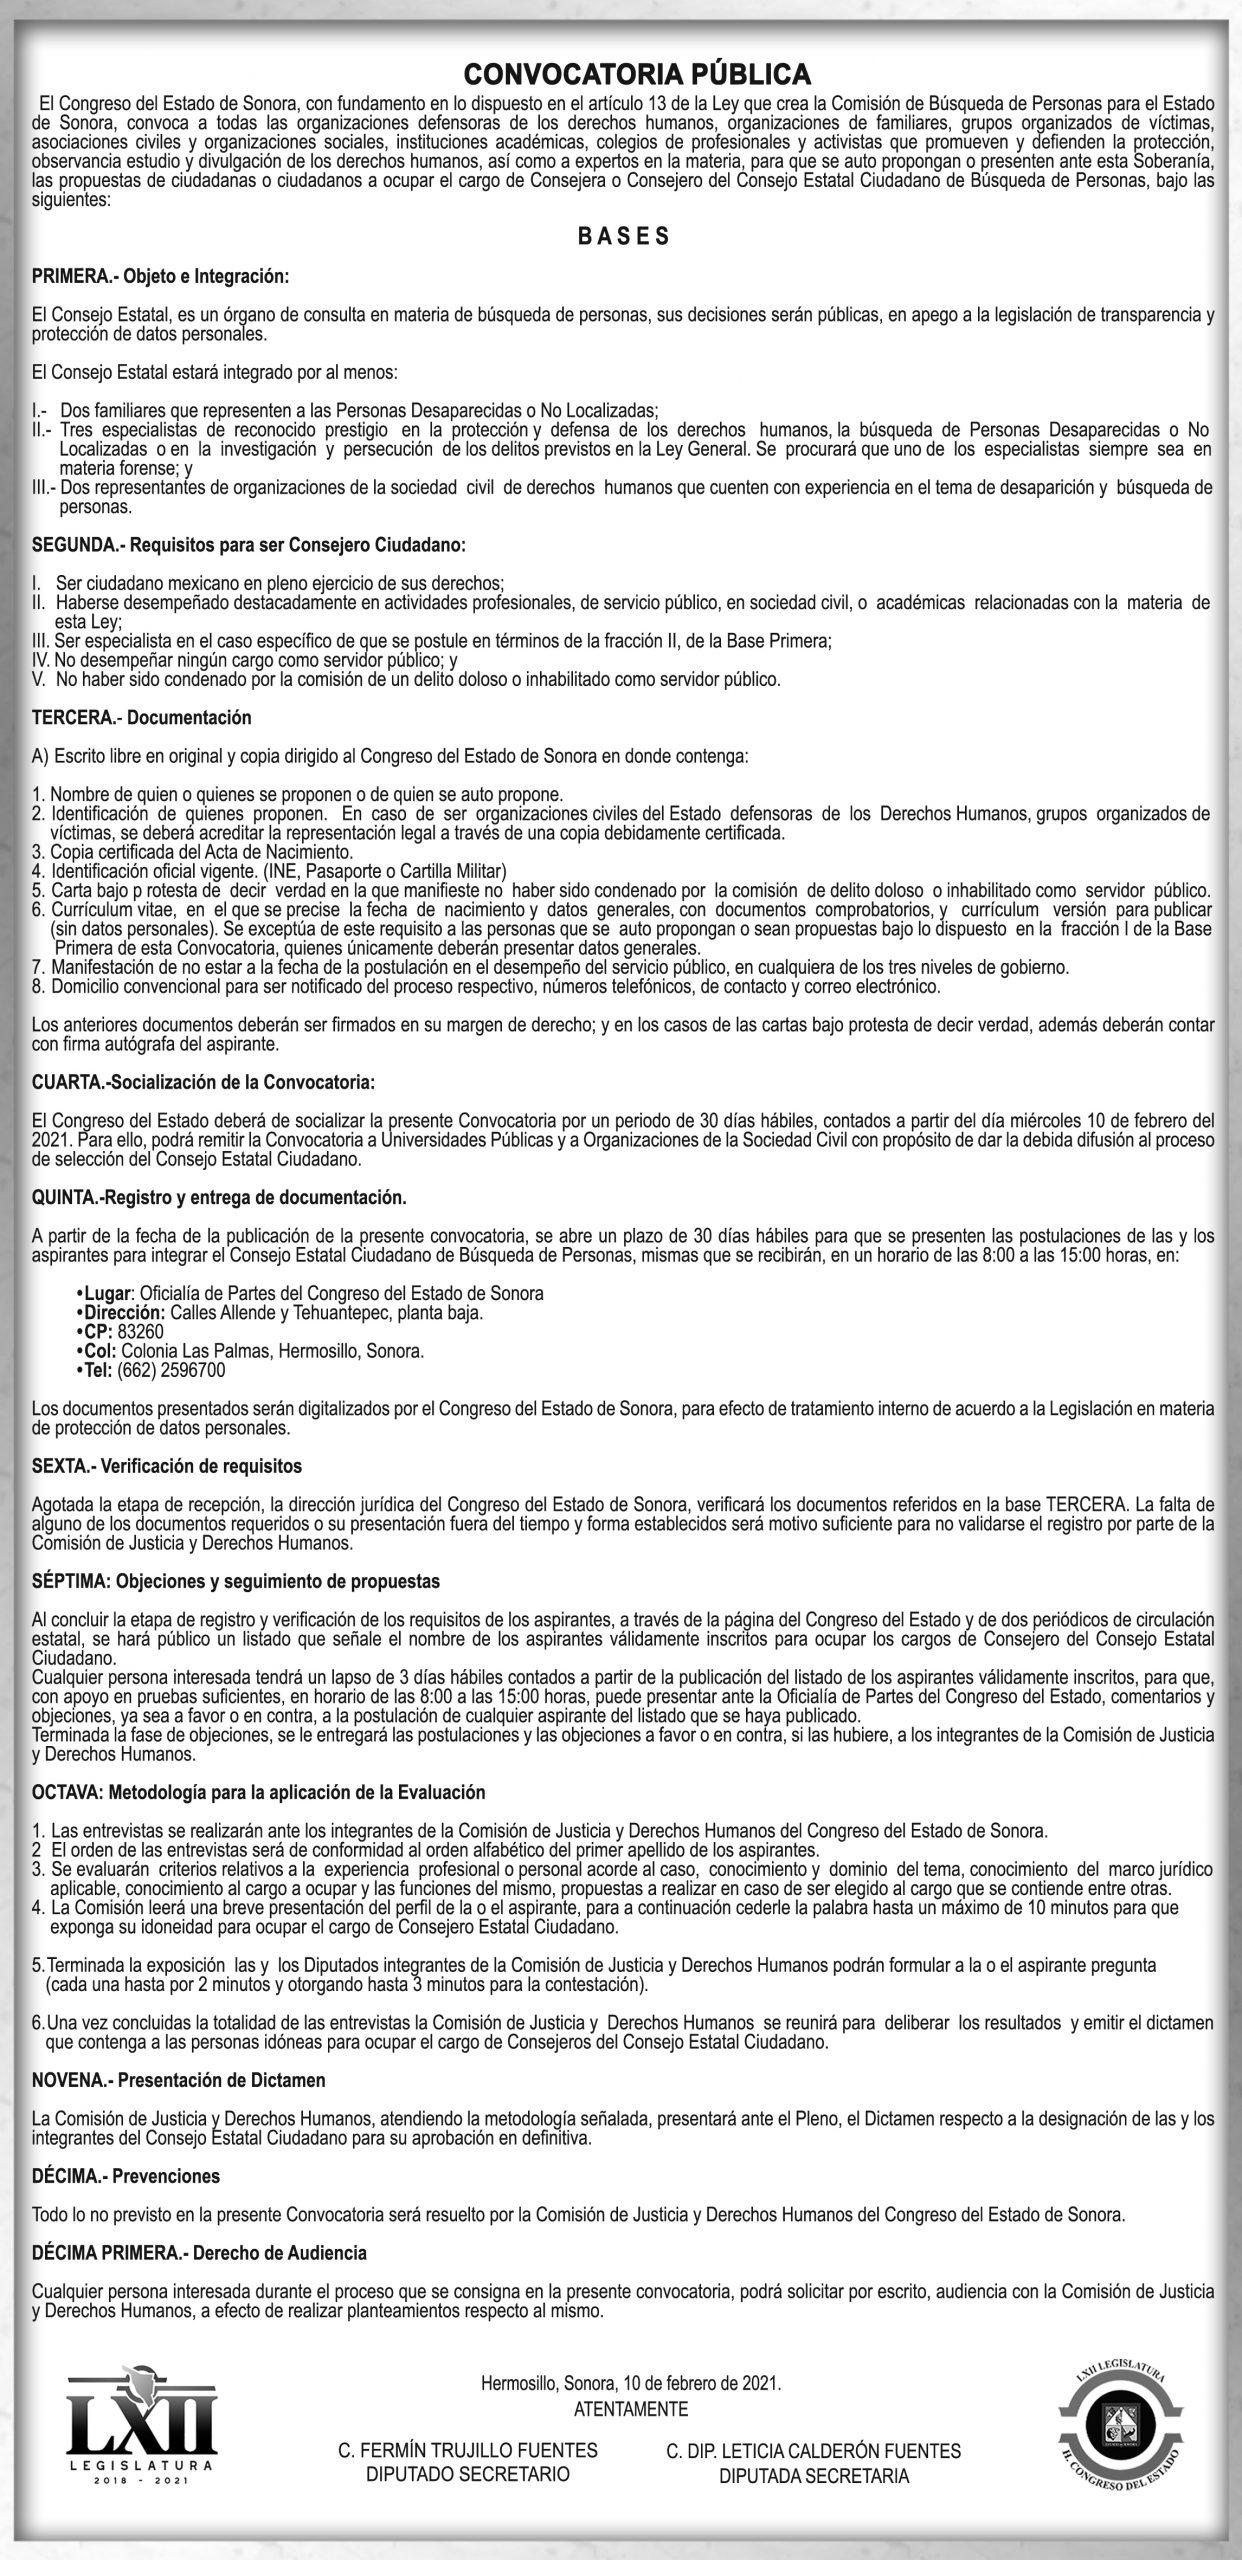 CONVOCATORIA DE LA COMISION DE BUSQUEDA DE PERSONAS